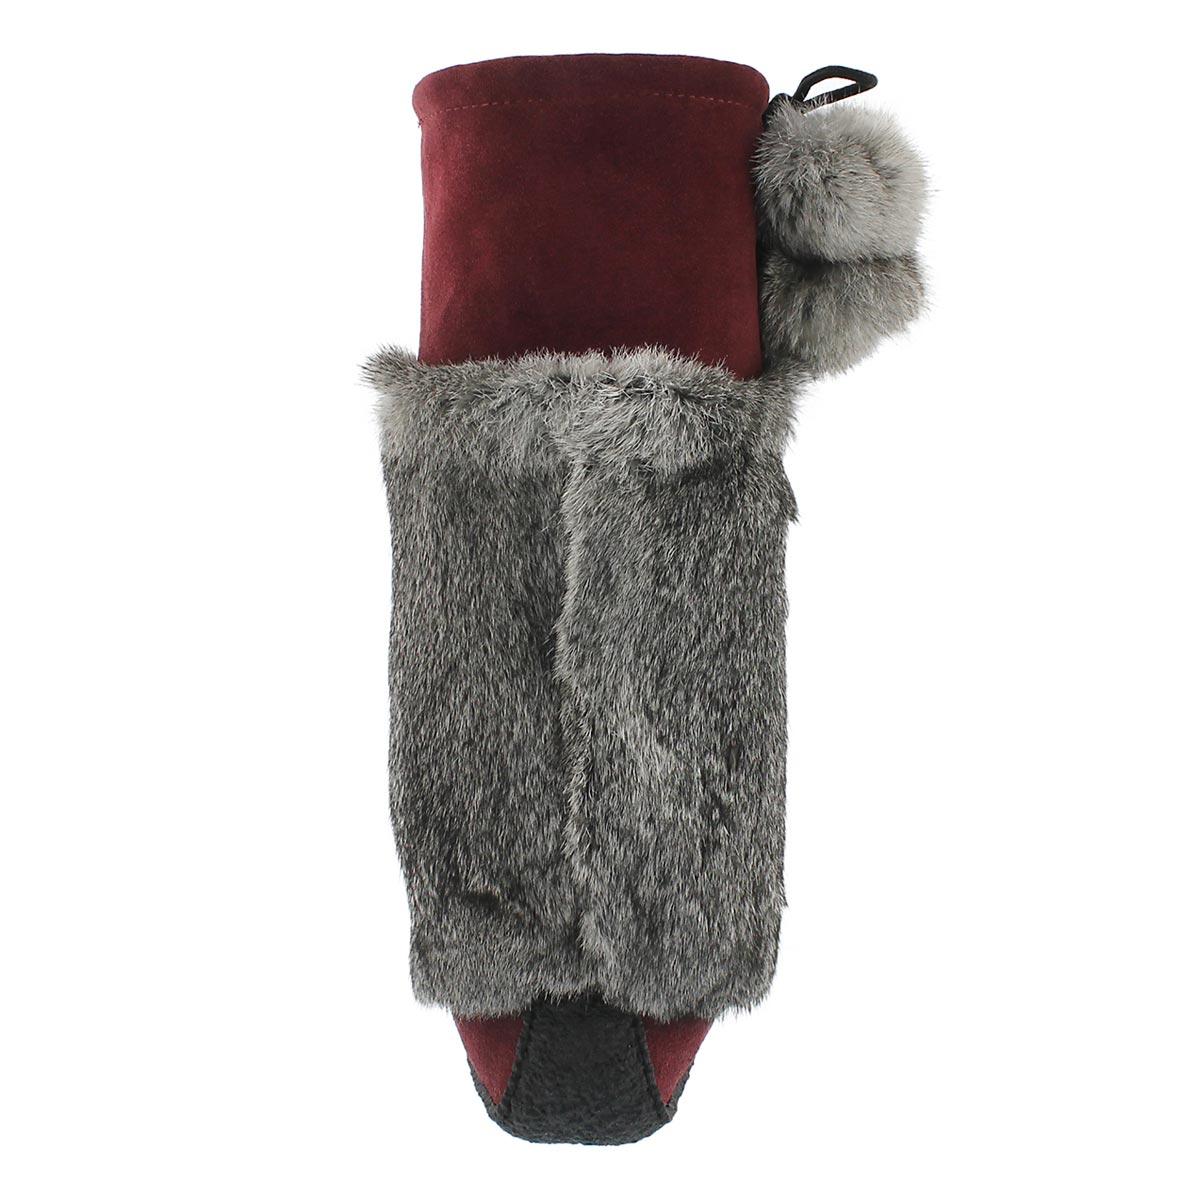 Lds bgdy/gry rabbit fur 16